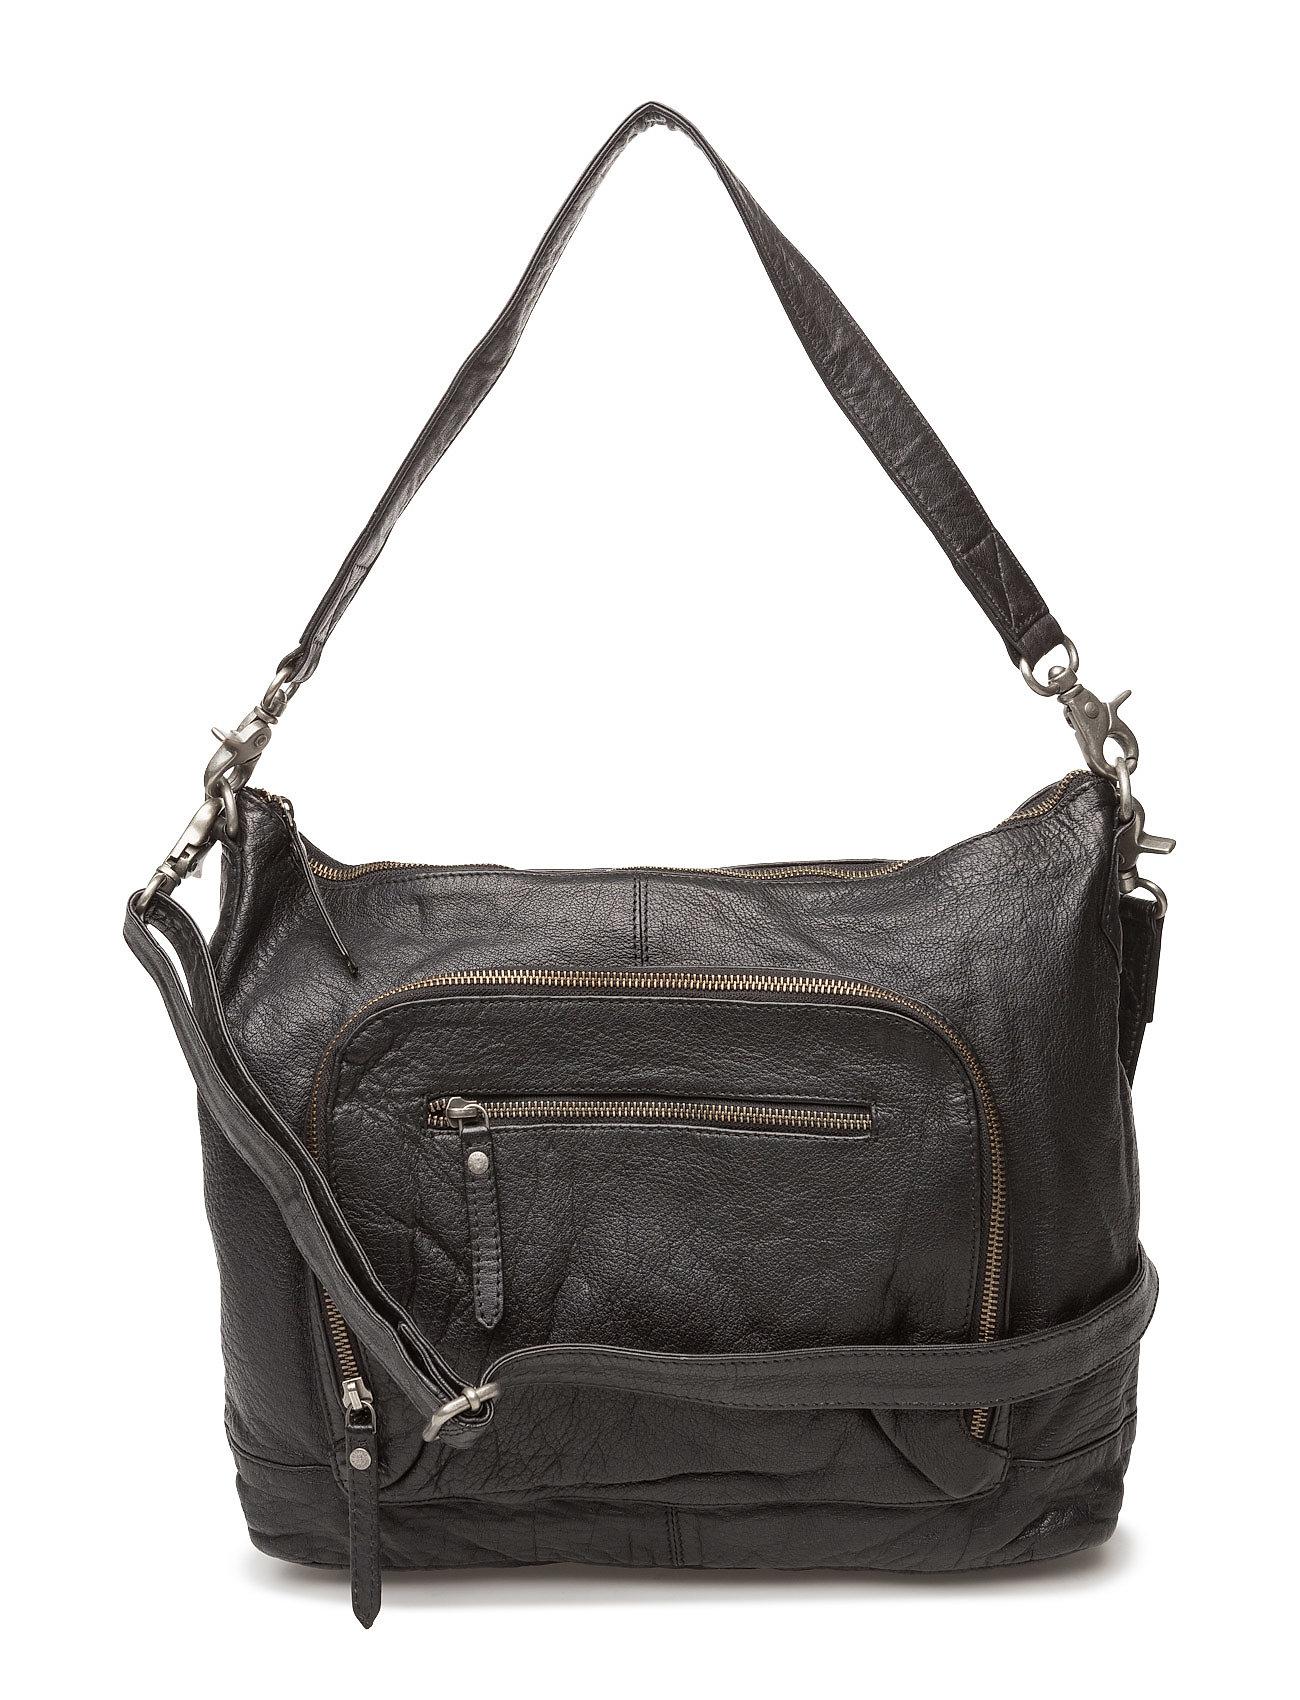 2a4e0d323561 Køb Medium Bag DEPECHE Tasker i til Kvinder i en webshop ...